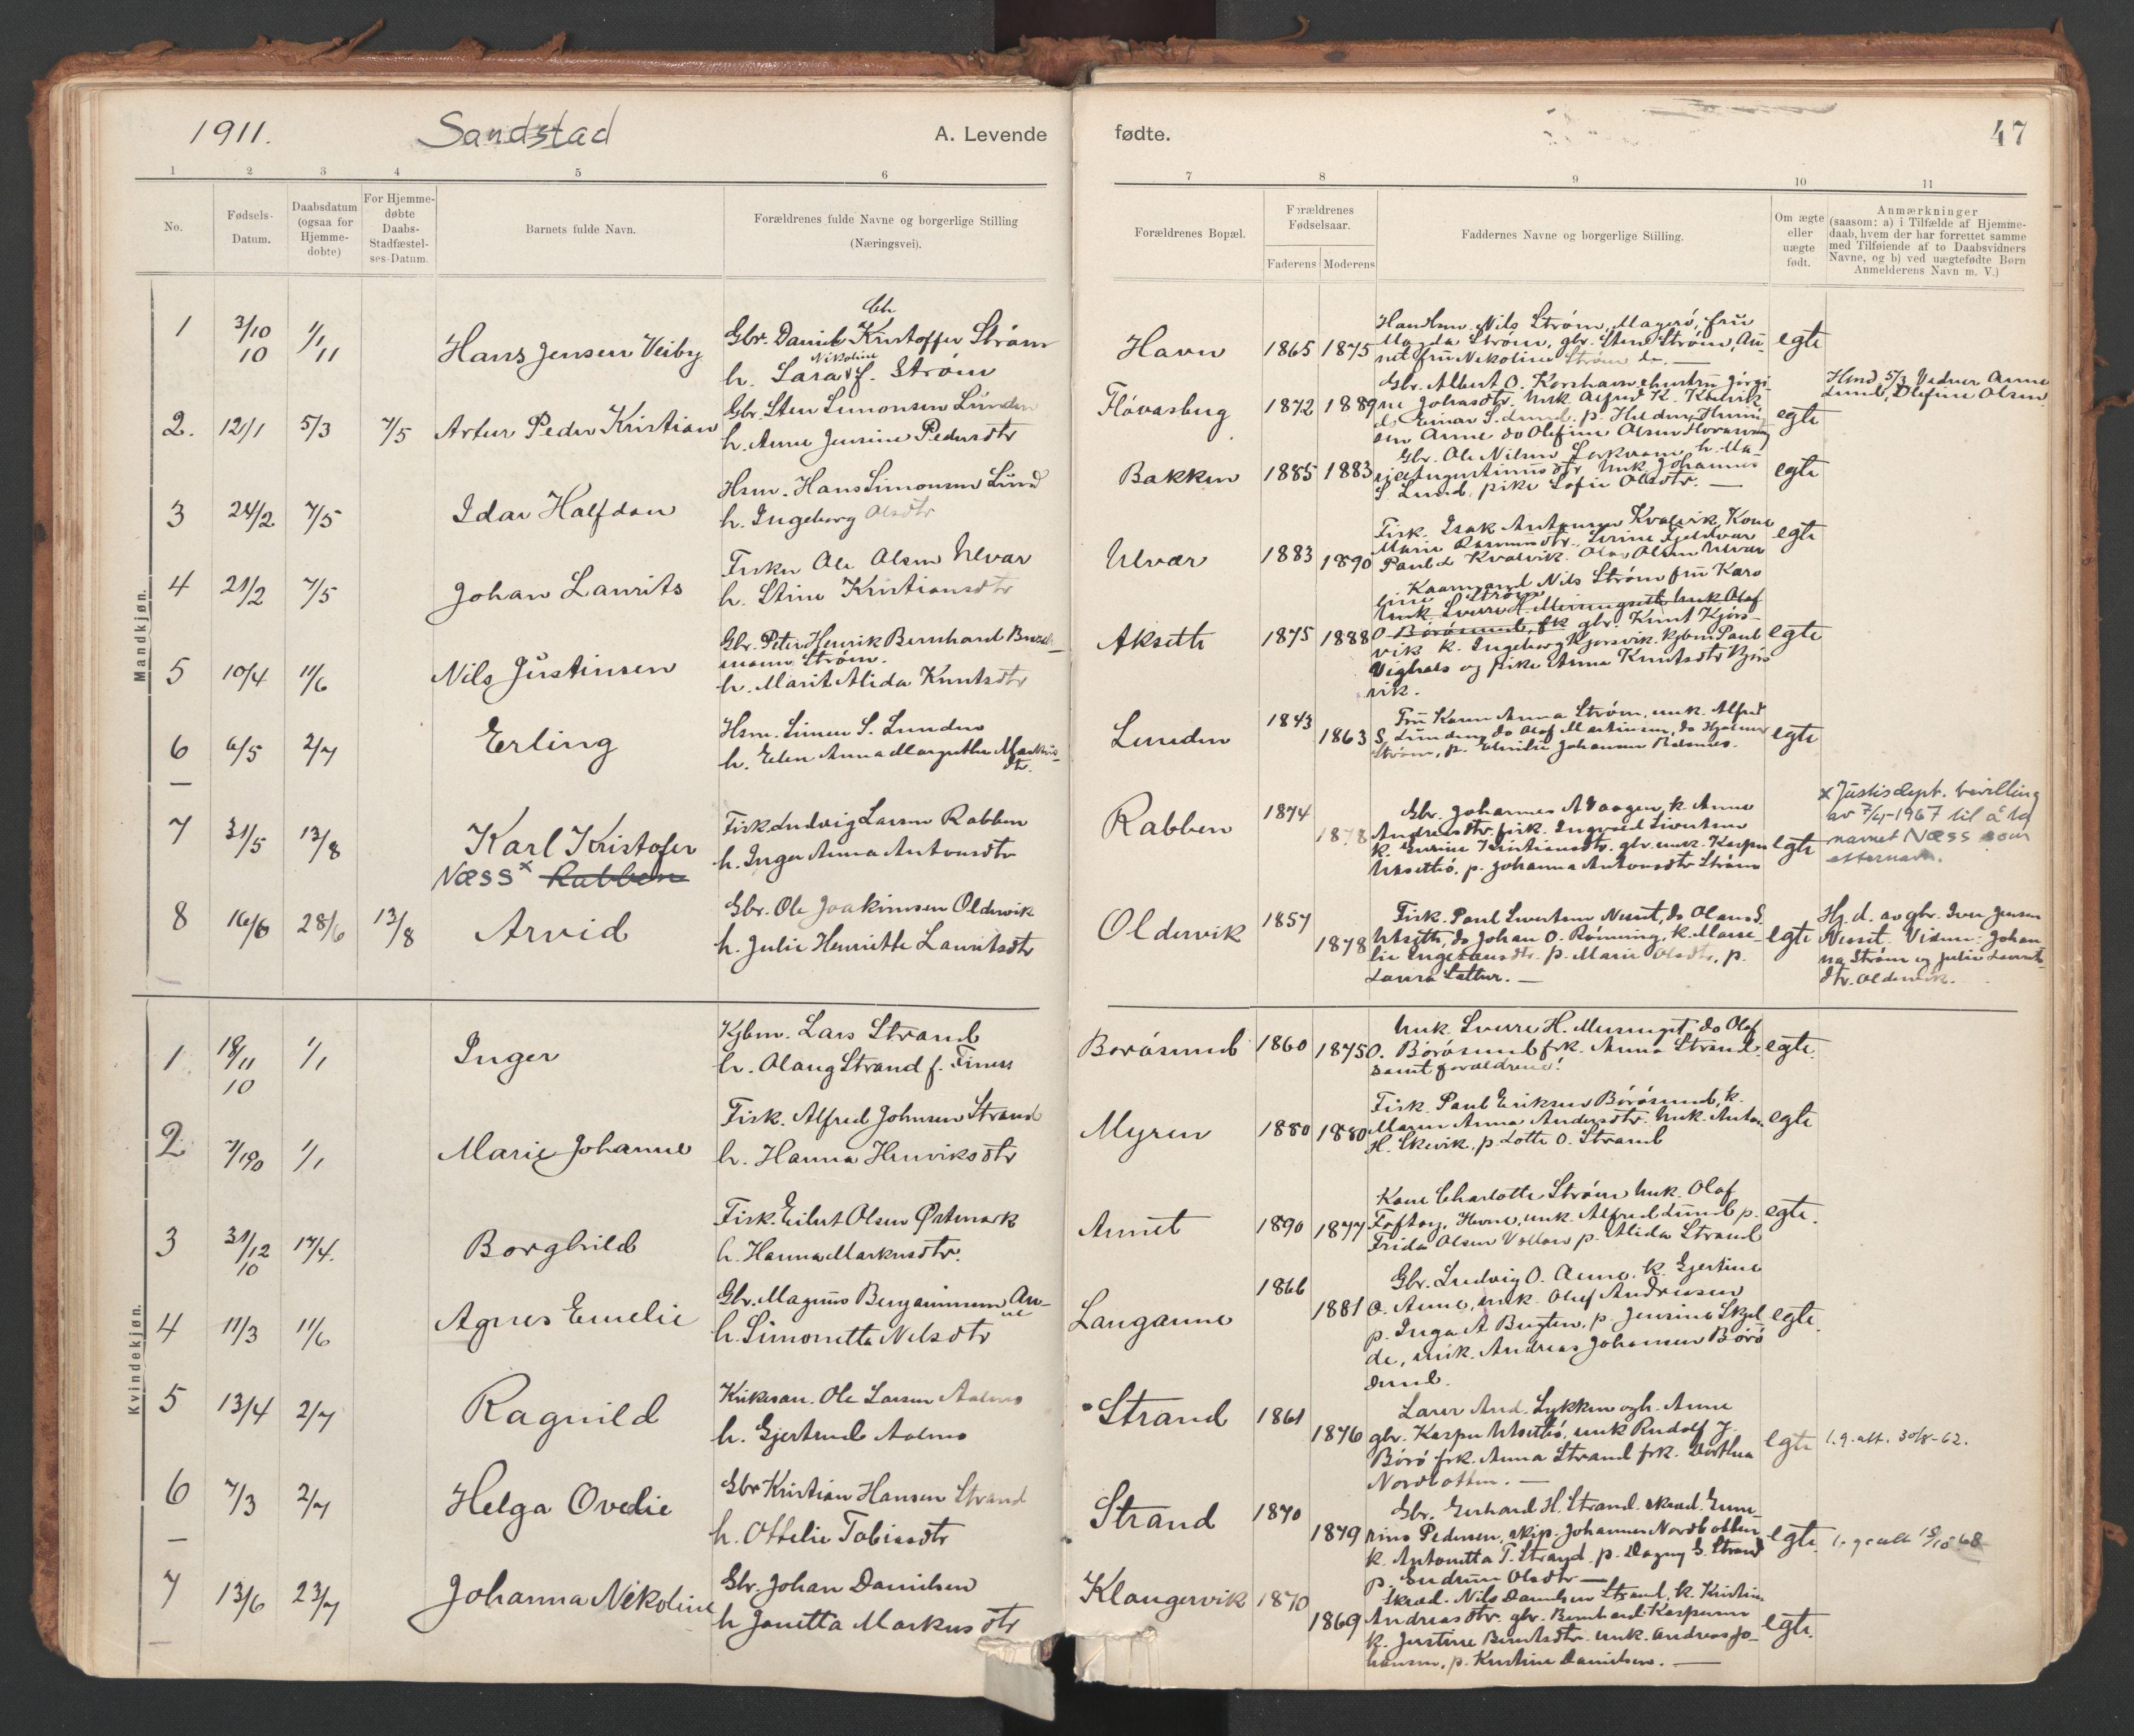 SAT, Ministerialprotokoller, klokkerbøker og fødselsregistre - Sør-Trøndelag, 639/L0572: Ministerialbok nr. 639A01, 1890-1920, s. 47